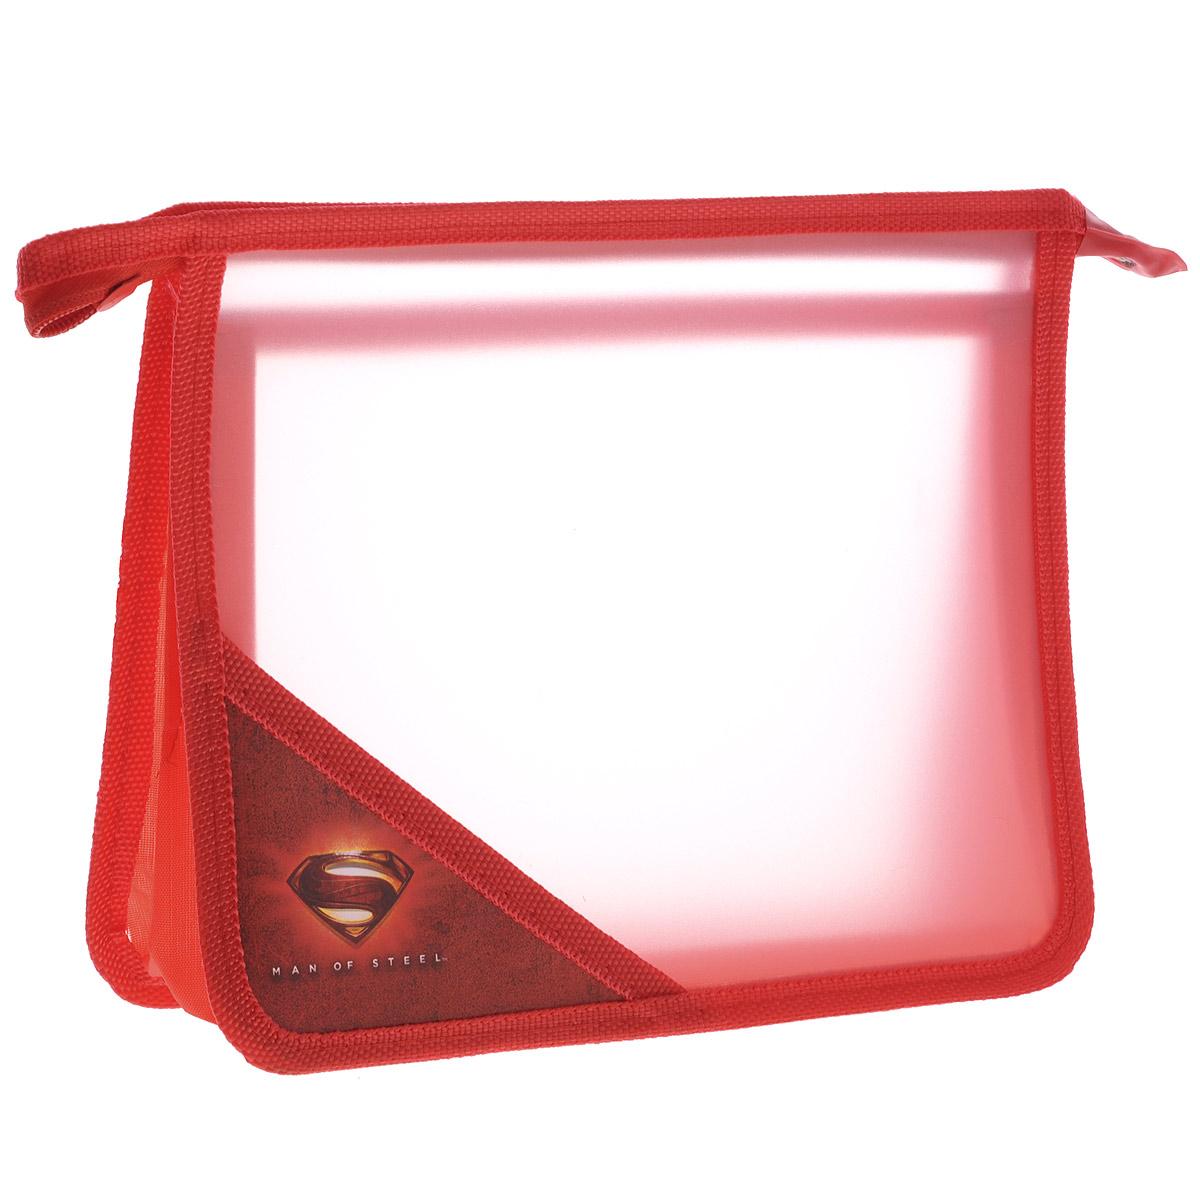 Папка для тетрадей Proff Супермен, цвет:красныйSU15-P3Папка для тетрадей Супермен поможет не растерять школьнику свои тетради, рисунки и прочие бумаги. Выполнена из прочного пластика и имеет два вместительных отделения. На углу лицевой стороны нанесен логотип Супермен. Папка разделена на два отдела полупрозрачной перегородкой, сверху закрывается на молнию. Края папки окантованы мягкой текстильной тесьмой.